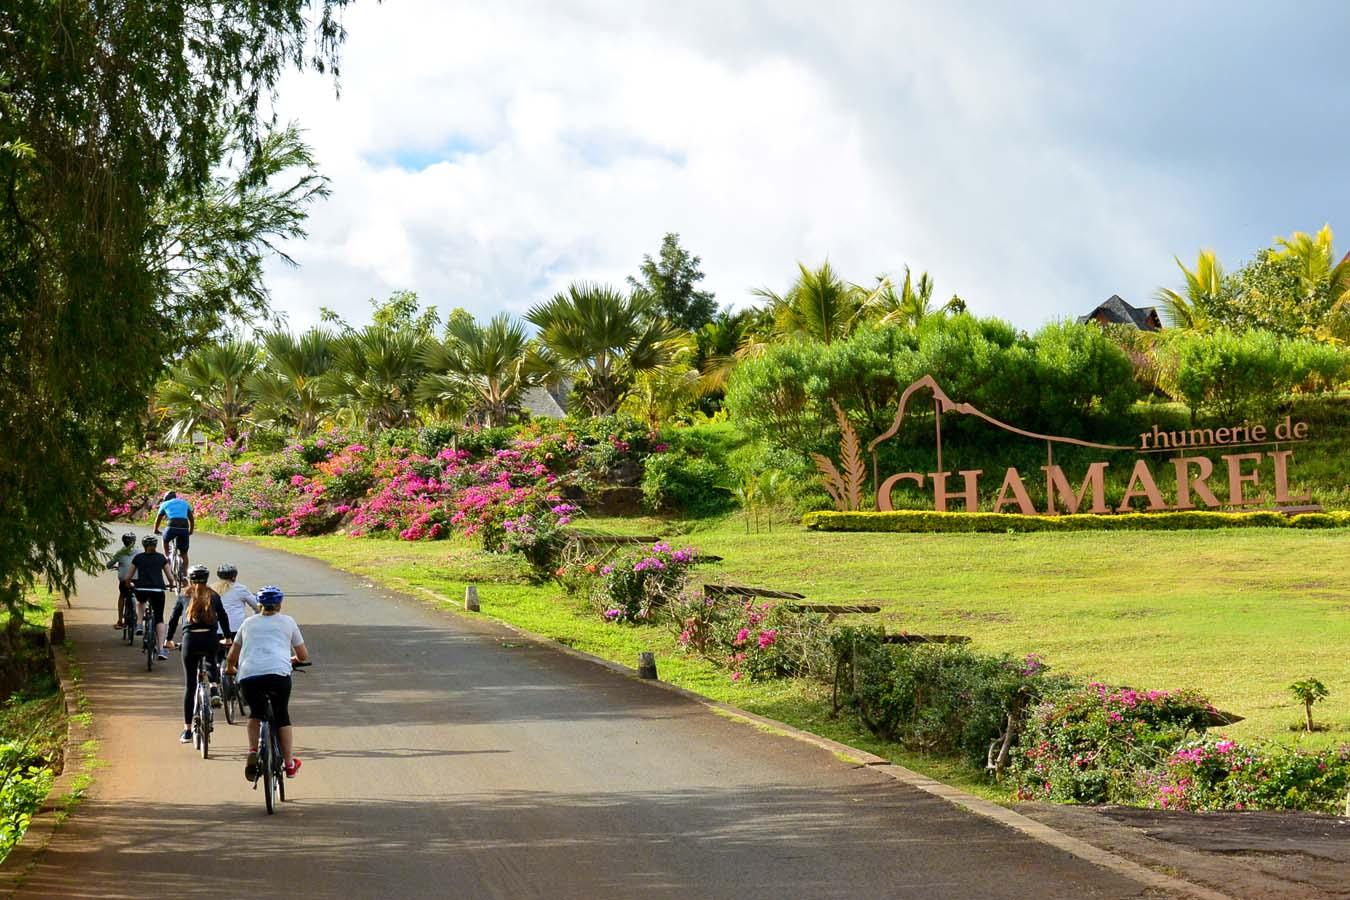 Randonnée à vélo à Chamarel dans le Sud de l'ile